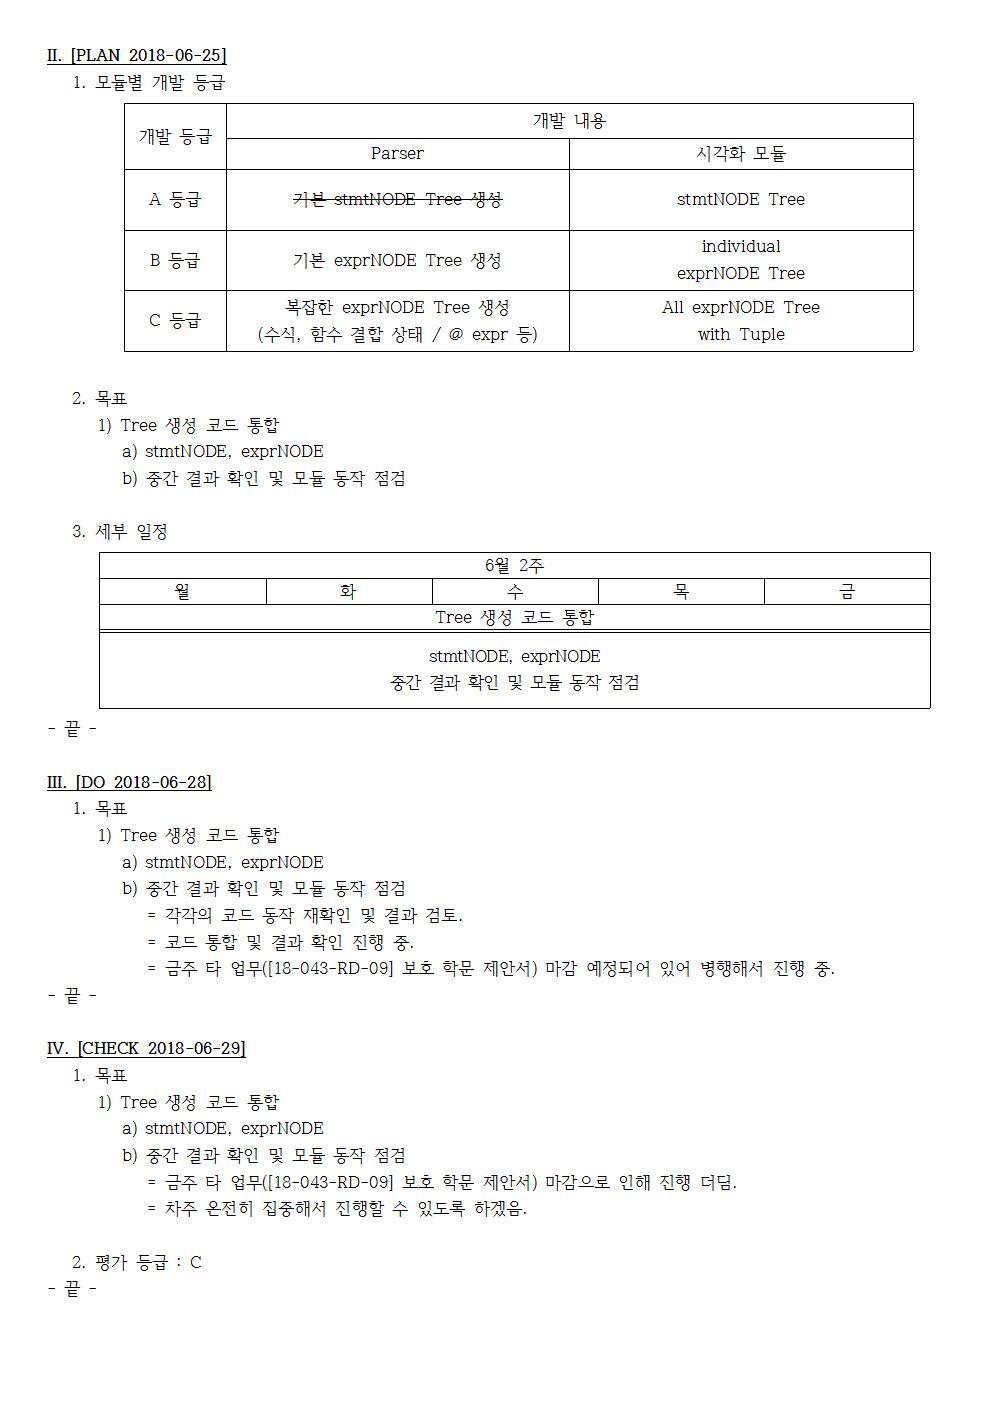 D-[18-003-RD-03]-[SRRE]-[2018-06-29][JS]002.jpg